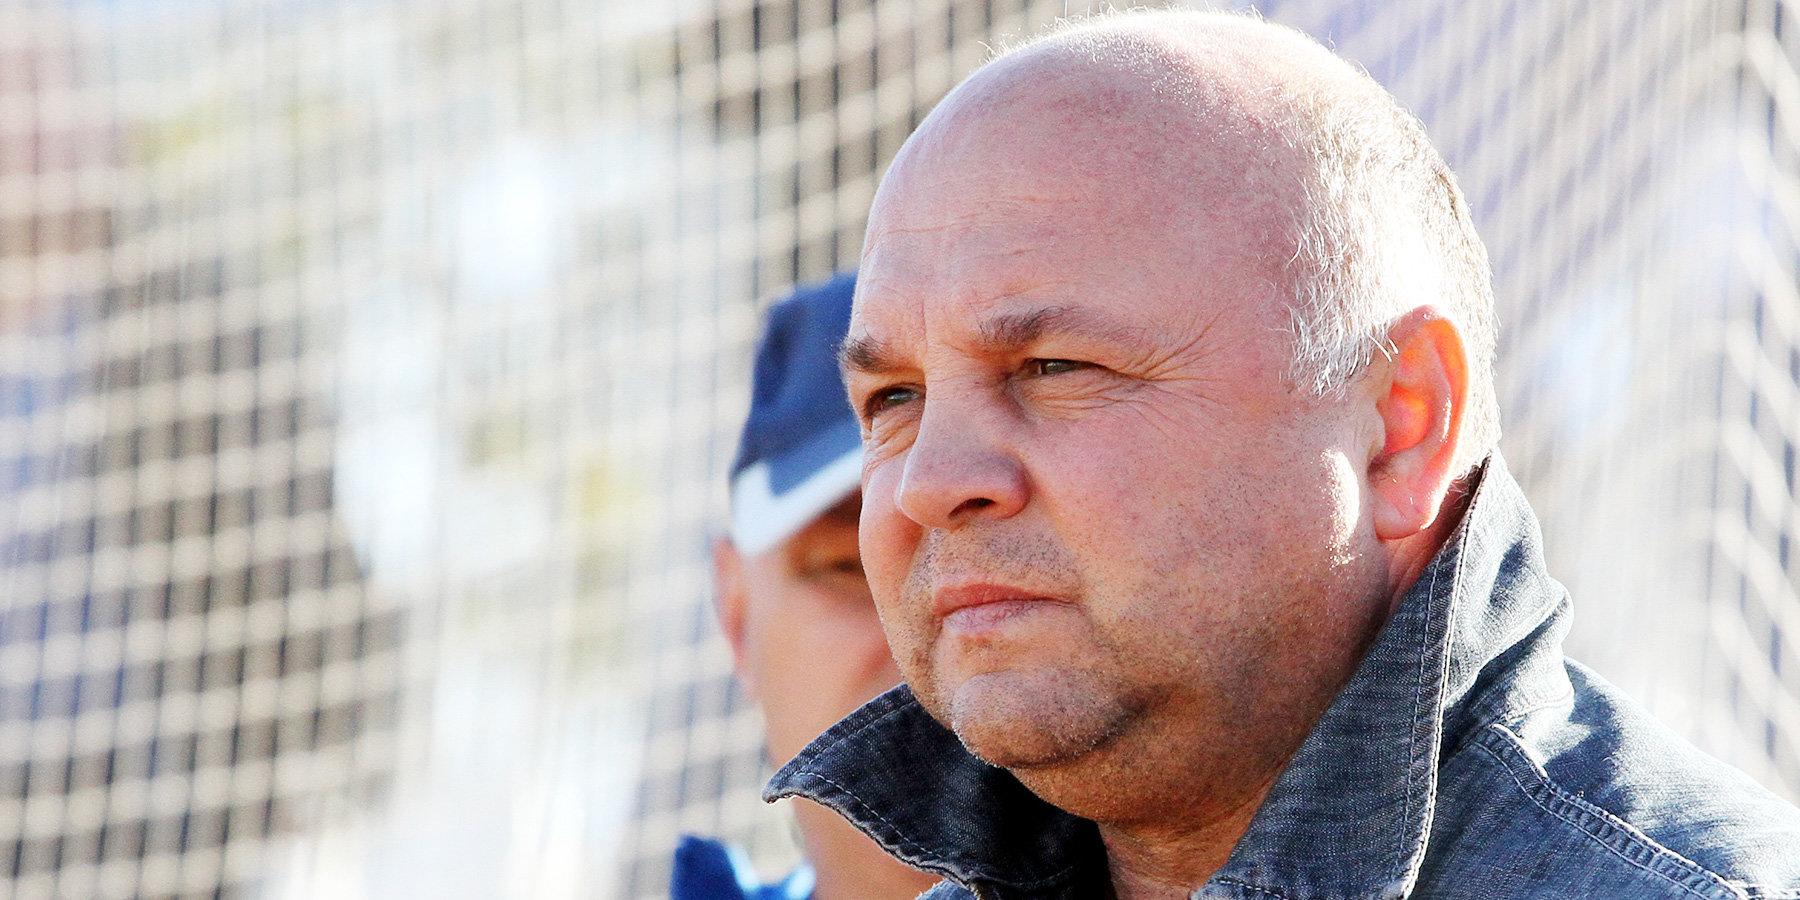 Игорь Гамула — о шансах «Спартака» с «Бенфикой»: «Глядя, как сейчас играет команда, думаю, что-то получится»